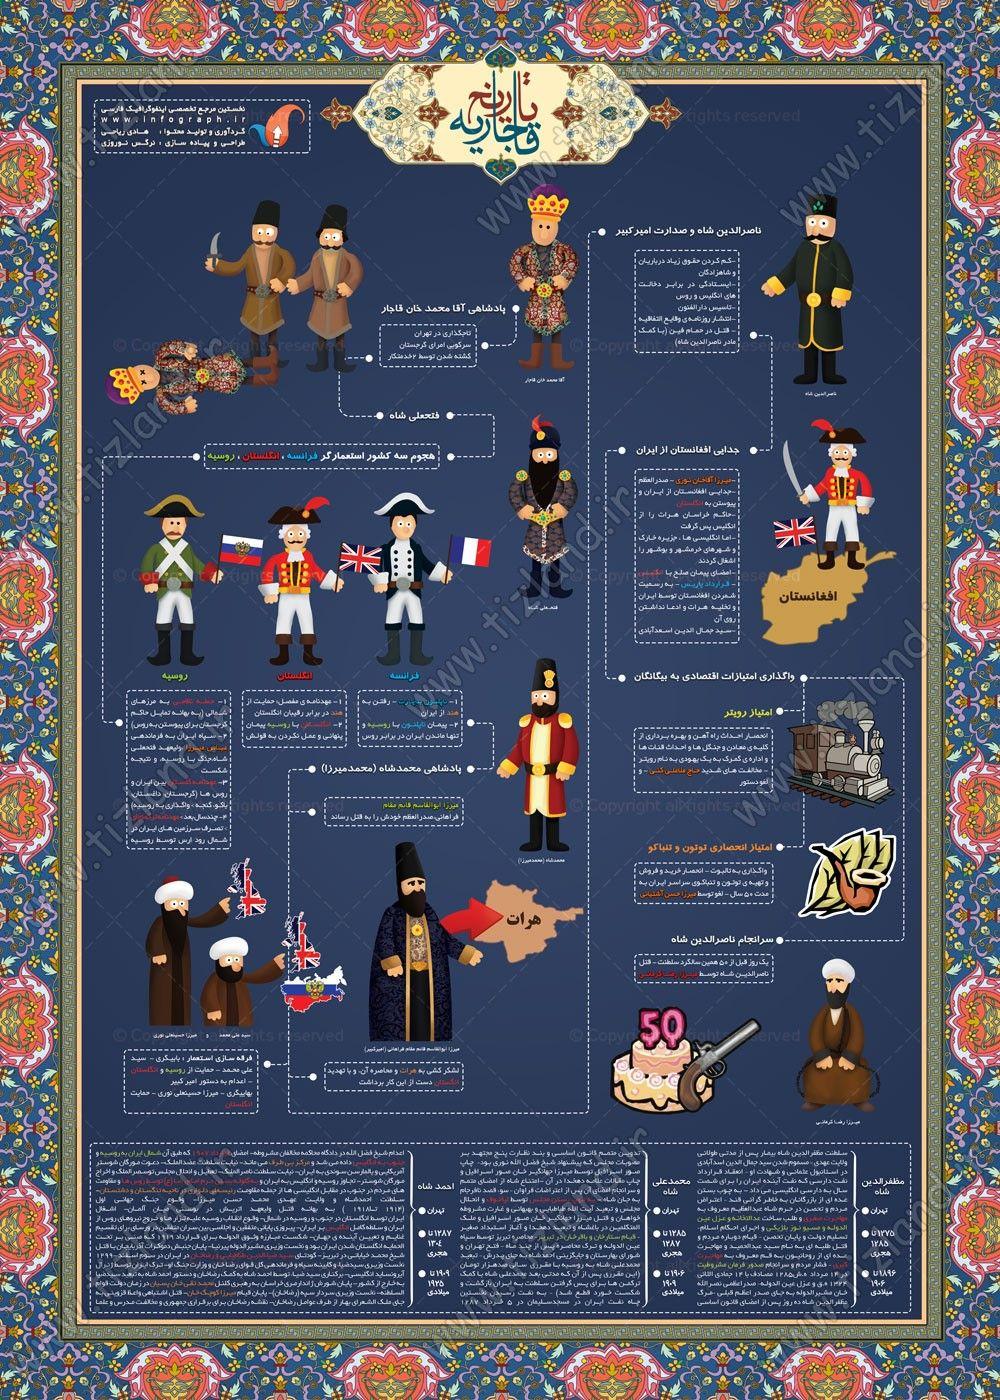 شما بازدیدکنندگان عزیز با دیدن این اینفوگرافیک جذاب و زیبا براحتی می توانید تاریخ ایران در زمان قاجار را یاد بگیرید.خاندان قاجار از خاندان های بزرگ ایران است. اعضای این خاندان از نوادگان پسری شاهزادگان قاجار هستند.